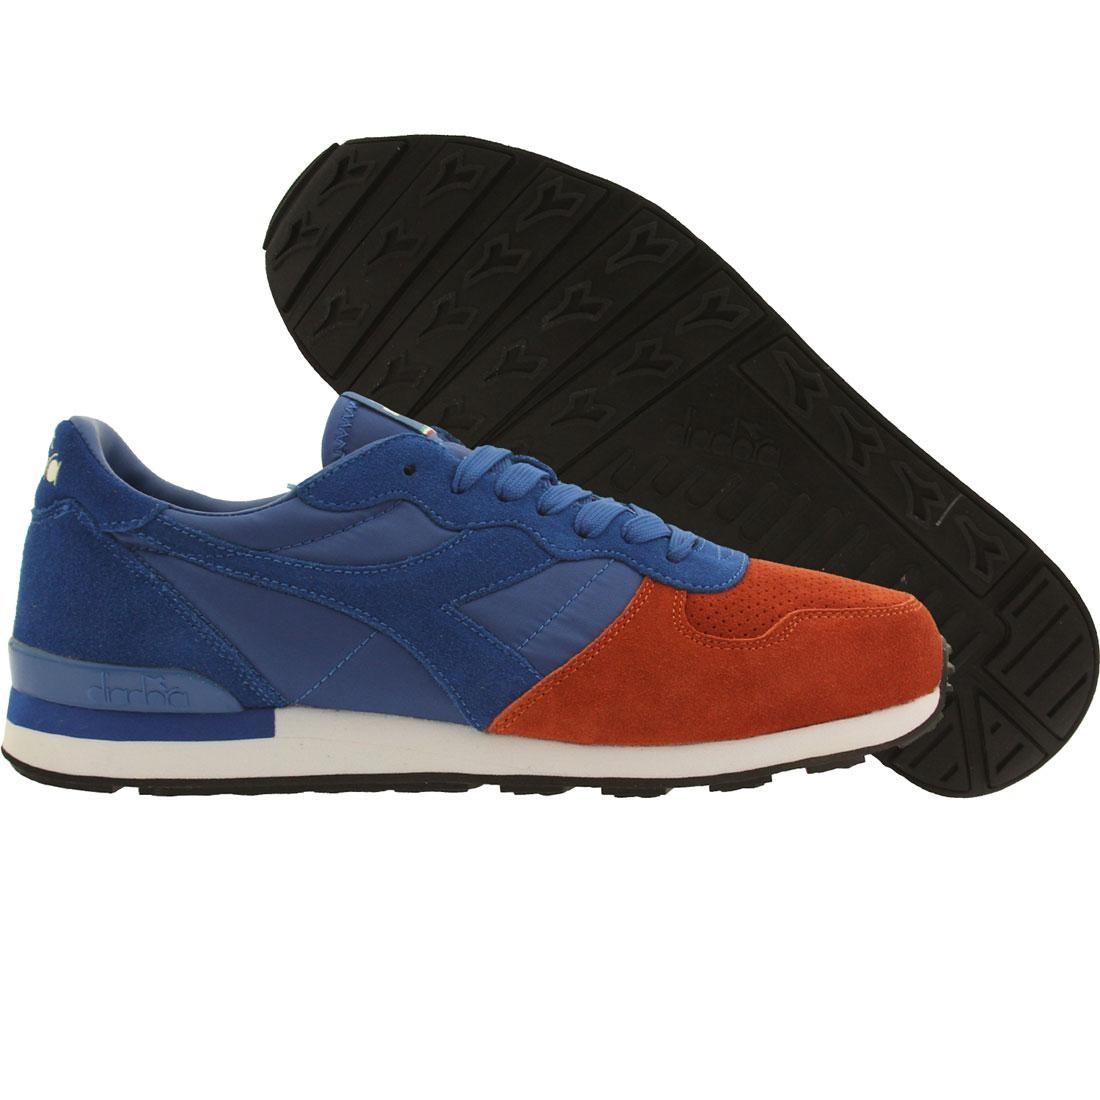 【海外限定】メンズ靴 靴 【 DIADORA MEN CAMARO DOUBLE BLUE BROWN 】